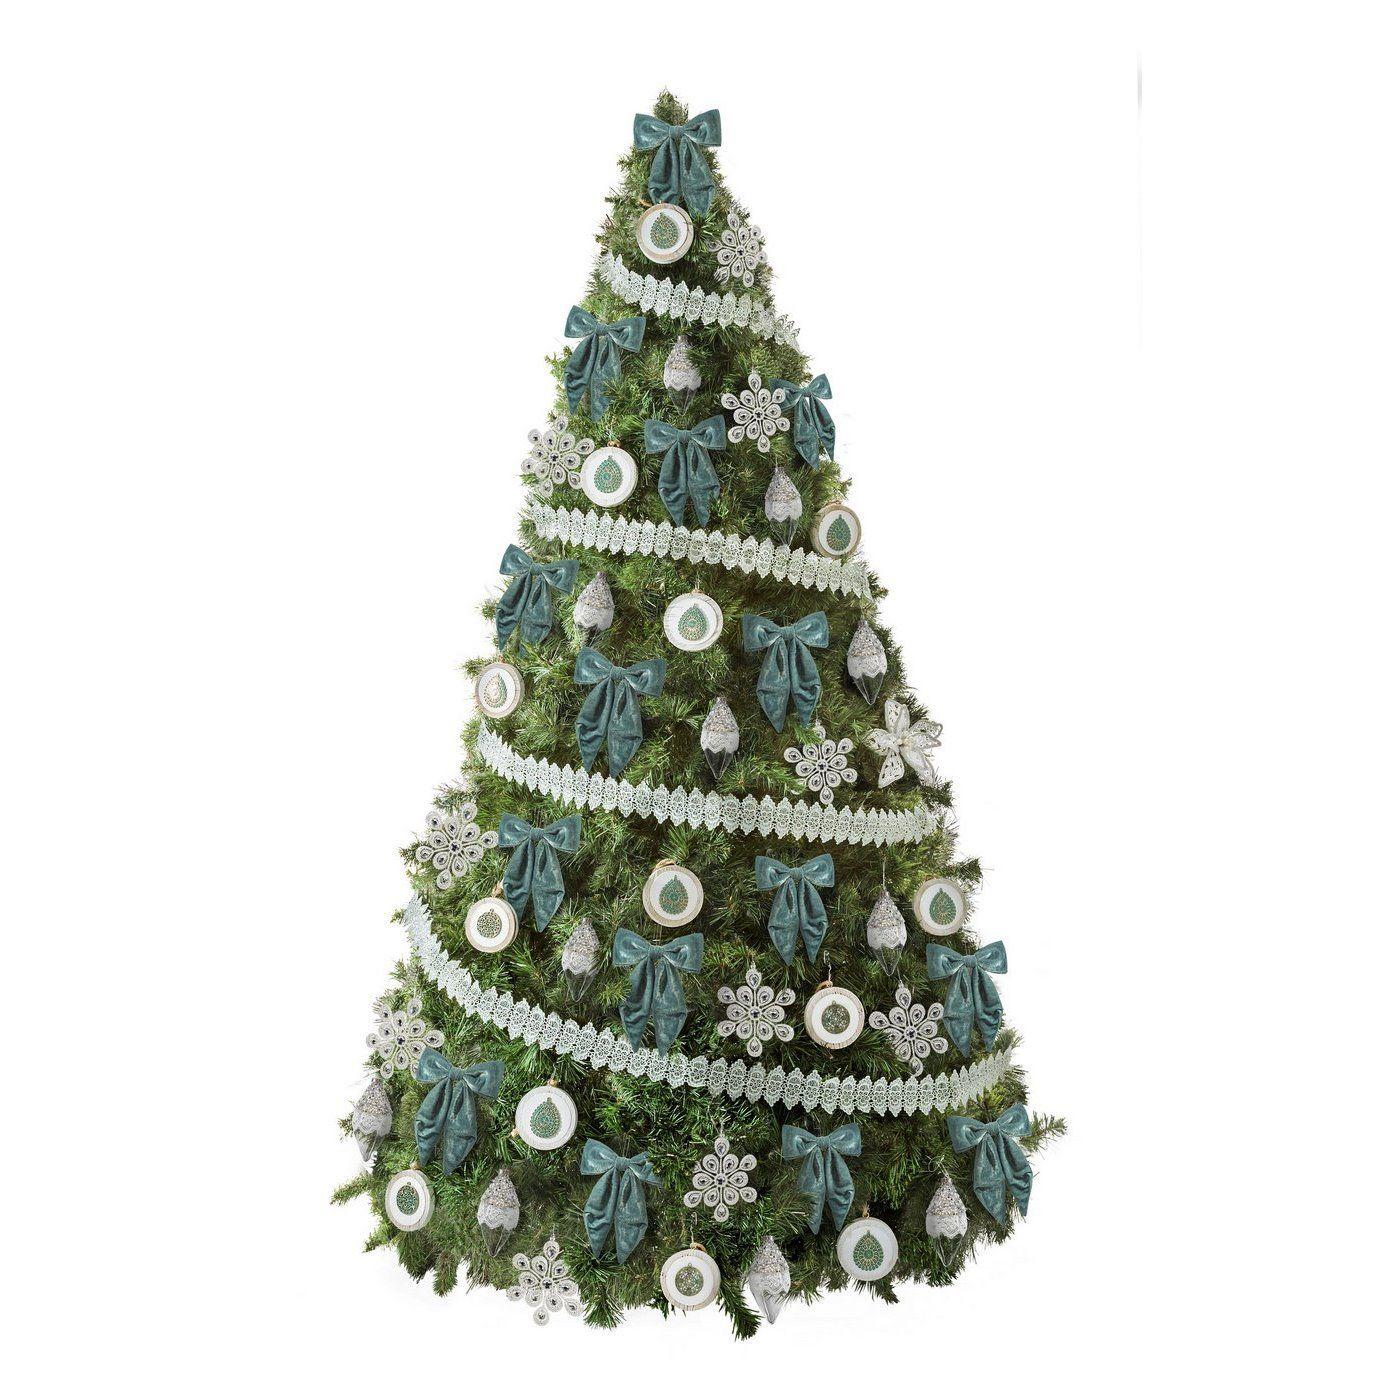 Zestaw Choinkowy Nr 55 Wyjatkowy Zestaw Ozdob Choinkowych W Tonacji Bialo Turkusowej Z Wiodacym Motywem Drewnianych Medal Holiday Decor Christmas Tree Holiday